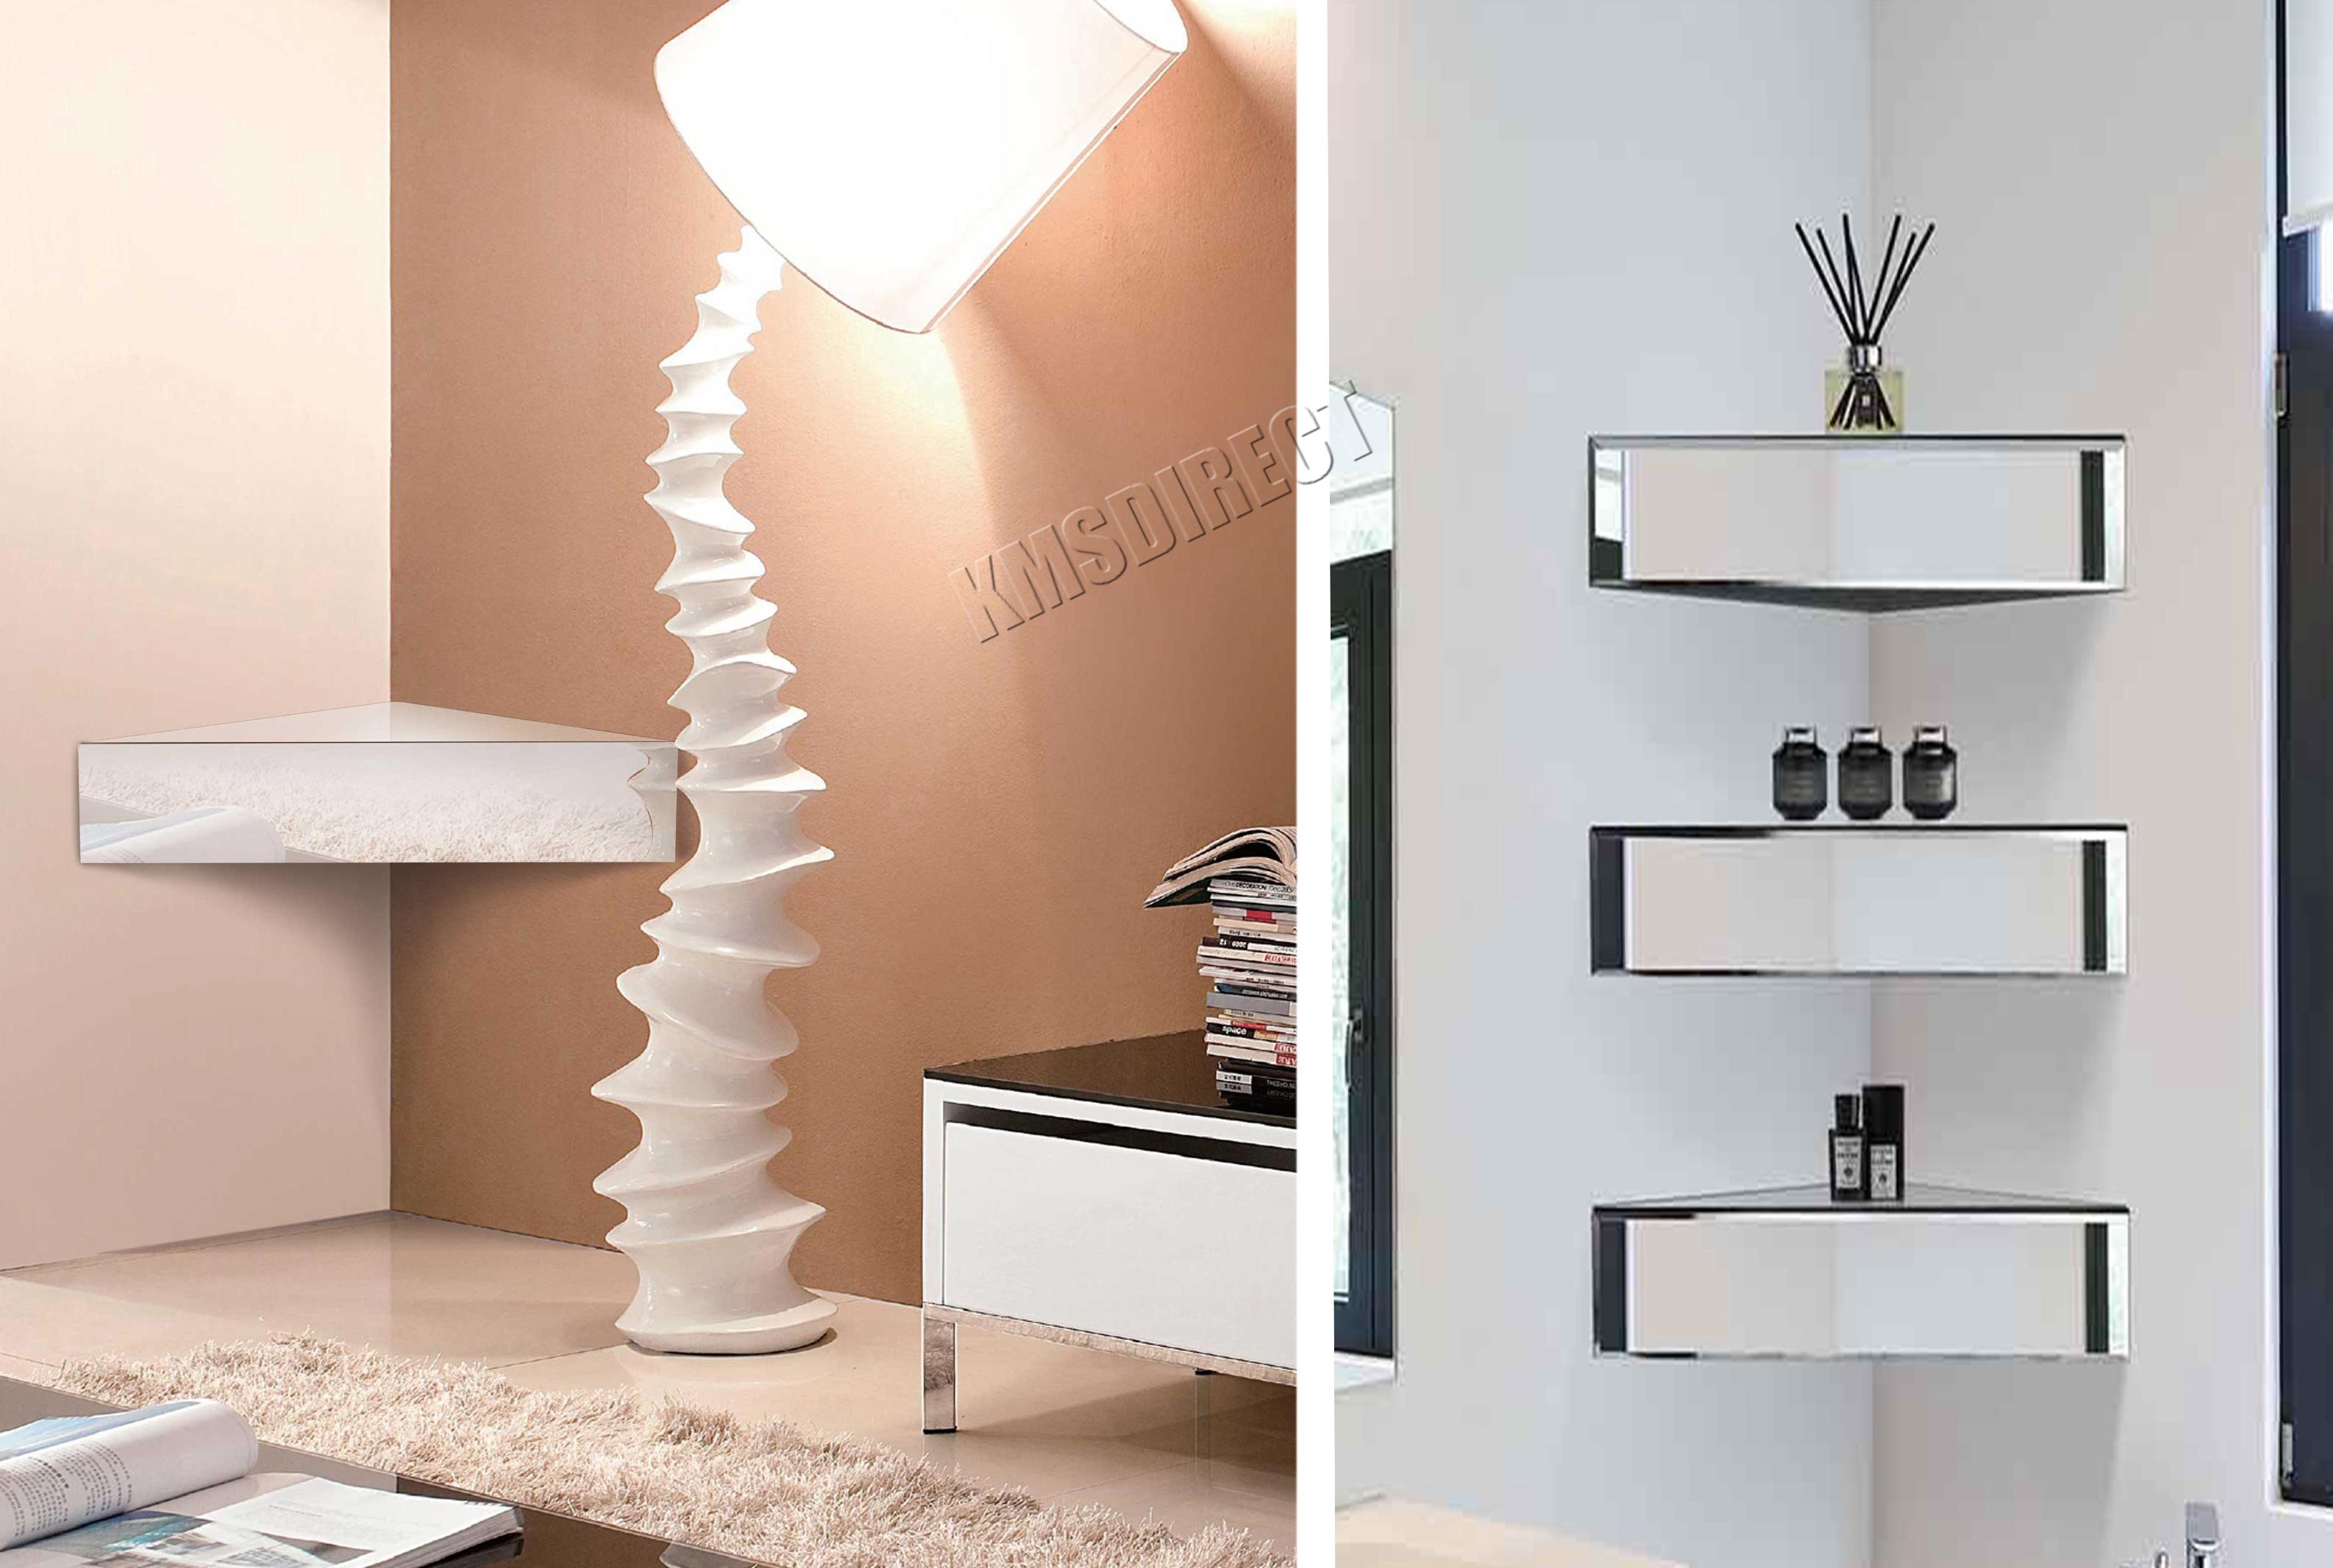 Sentinel Westwood Mirrored Furniture Gl Floating Bedside Cabinet Table Shelf Mbt02